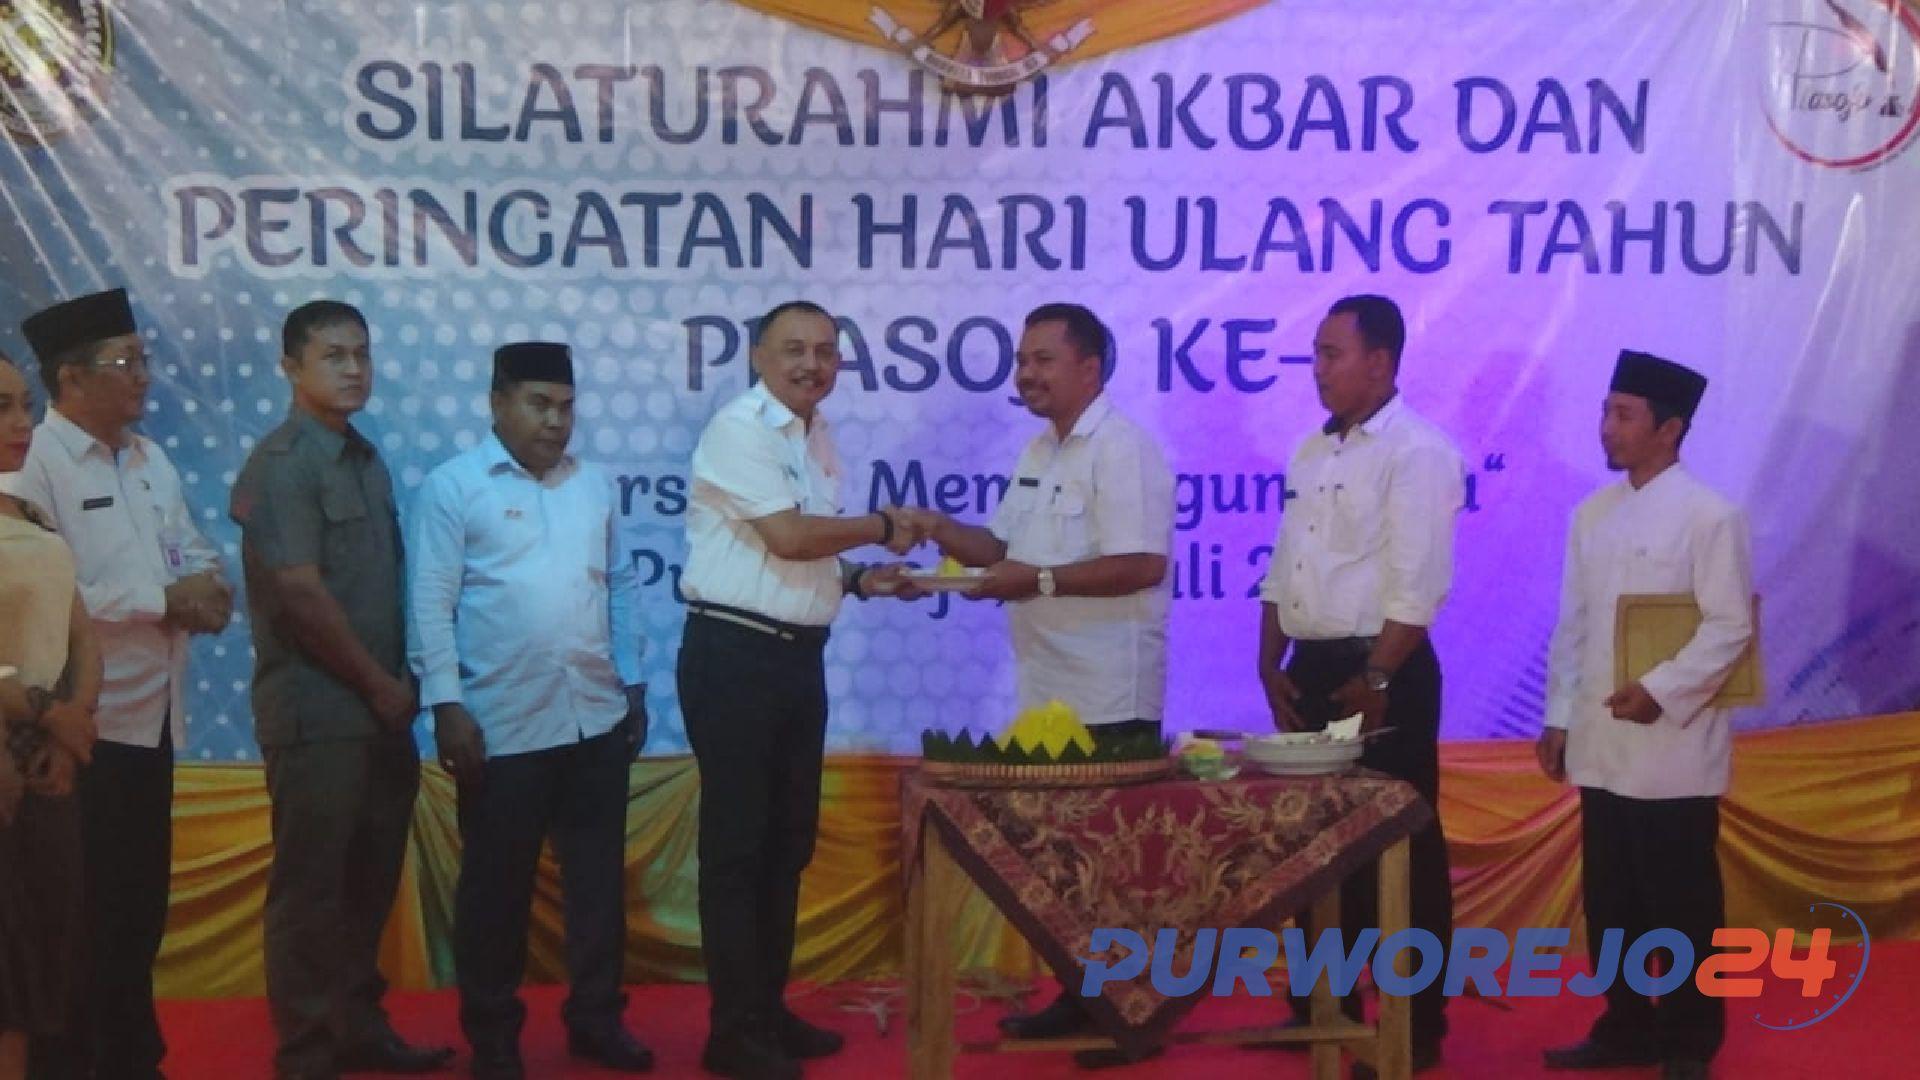 Ketua Prasojo Anjas Prasetyo serahkan potongan tumpeng ke Bupati Purworejo Agus Bastian pada peringatan HUT Prasojo